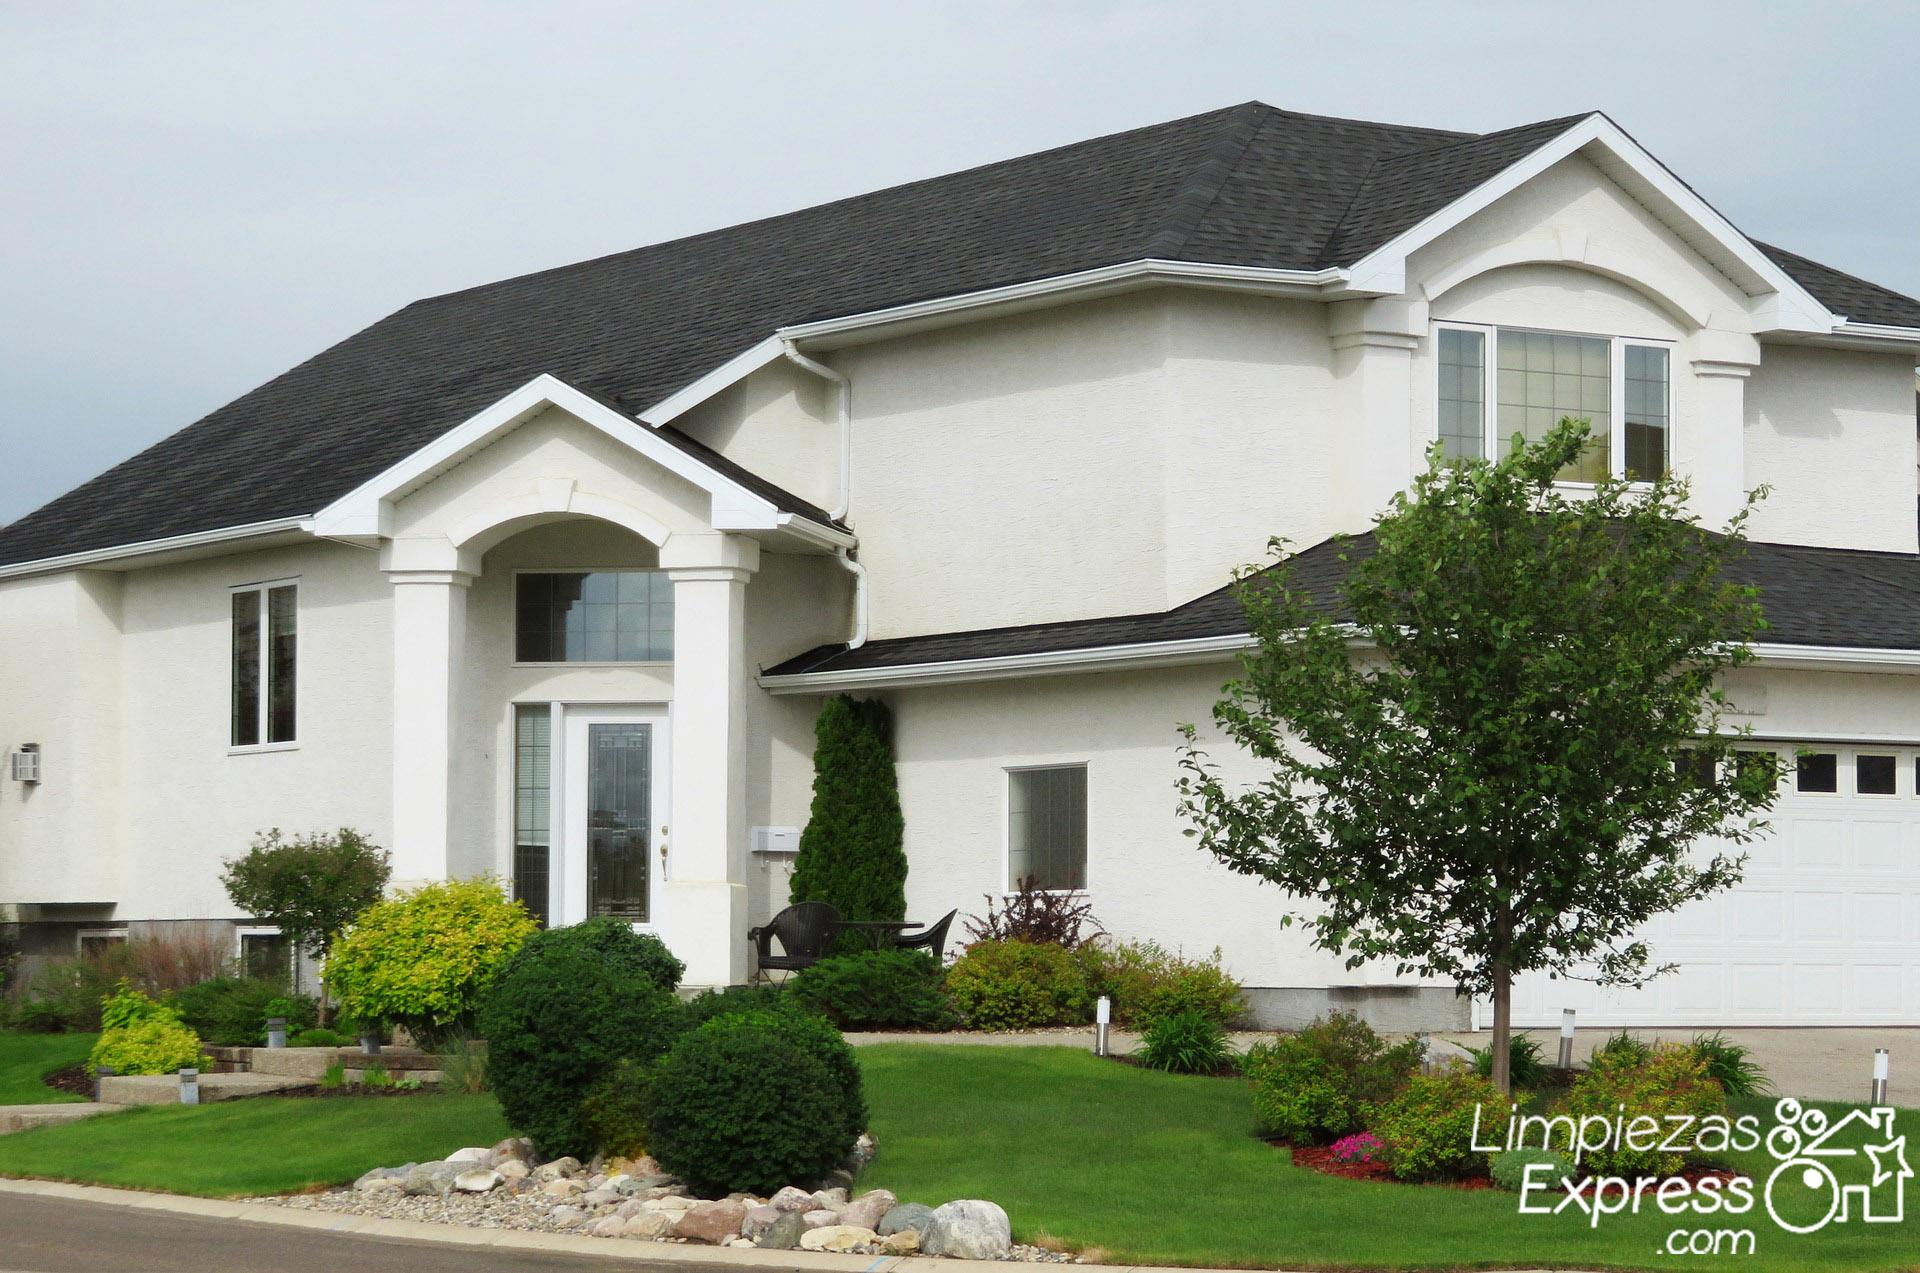 pintores profesionales, pintores express, pintar exterior vivienda